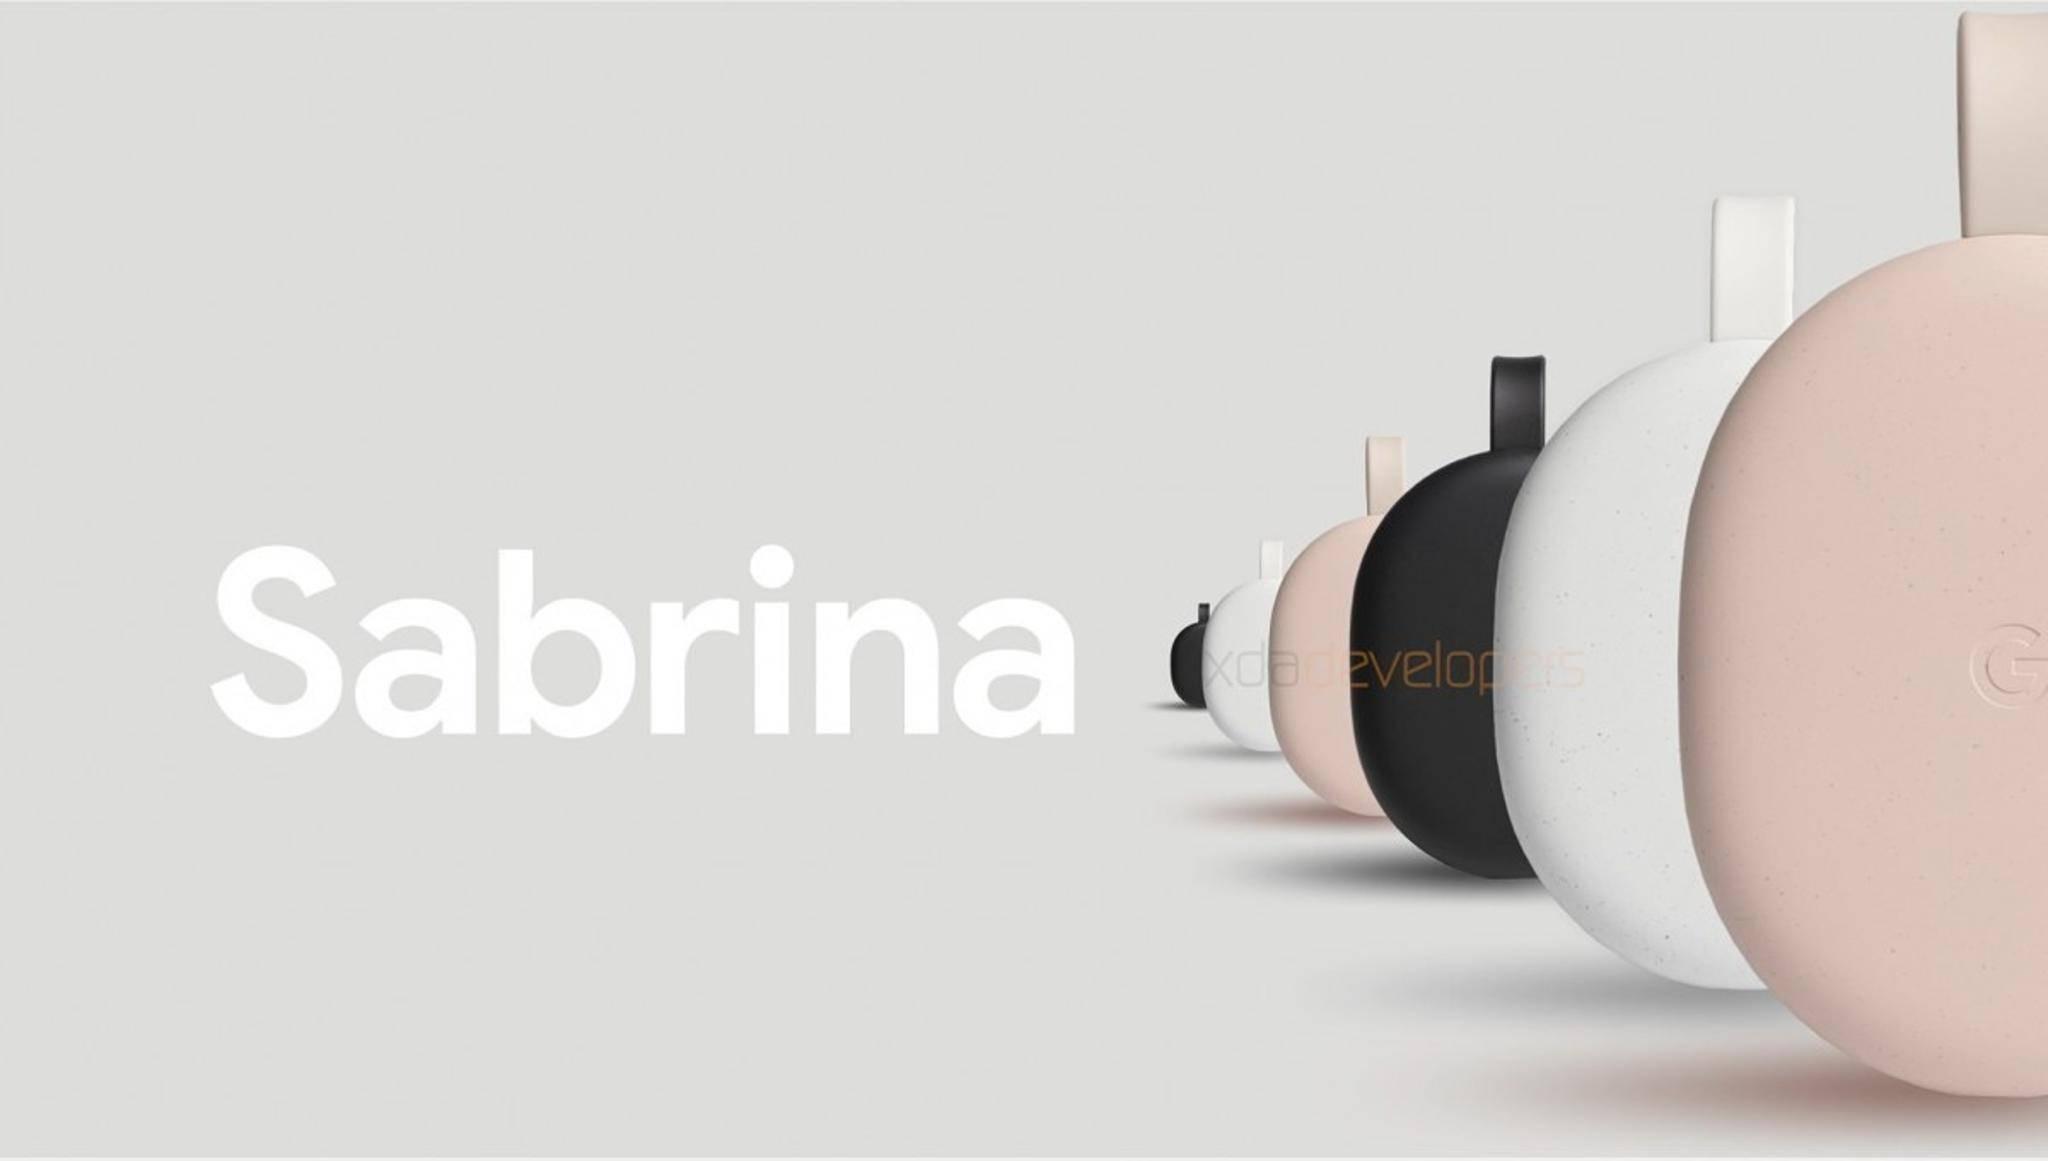 Google-Android-TV-Sabrina